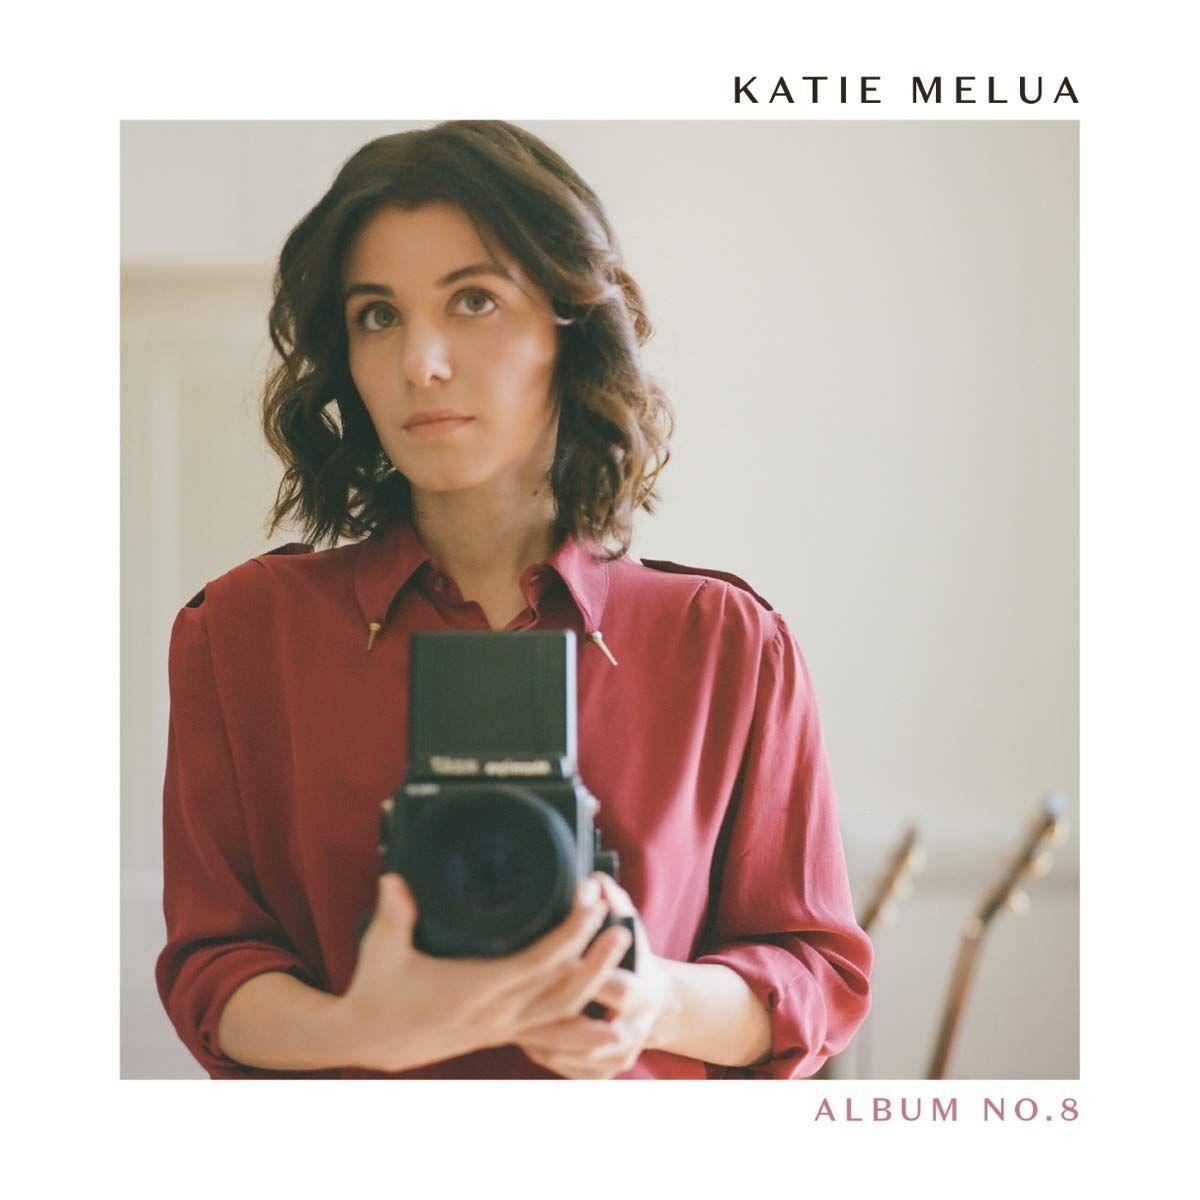 Katie Melua - Album No. 8 - LP